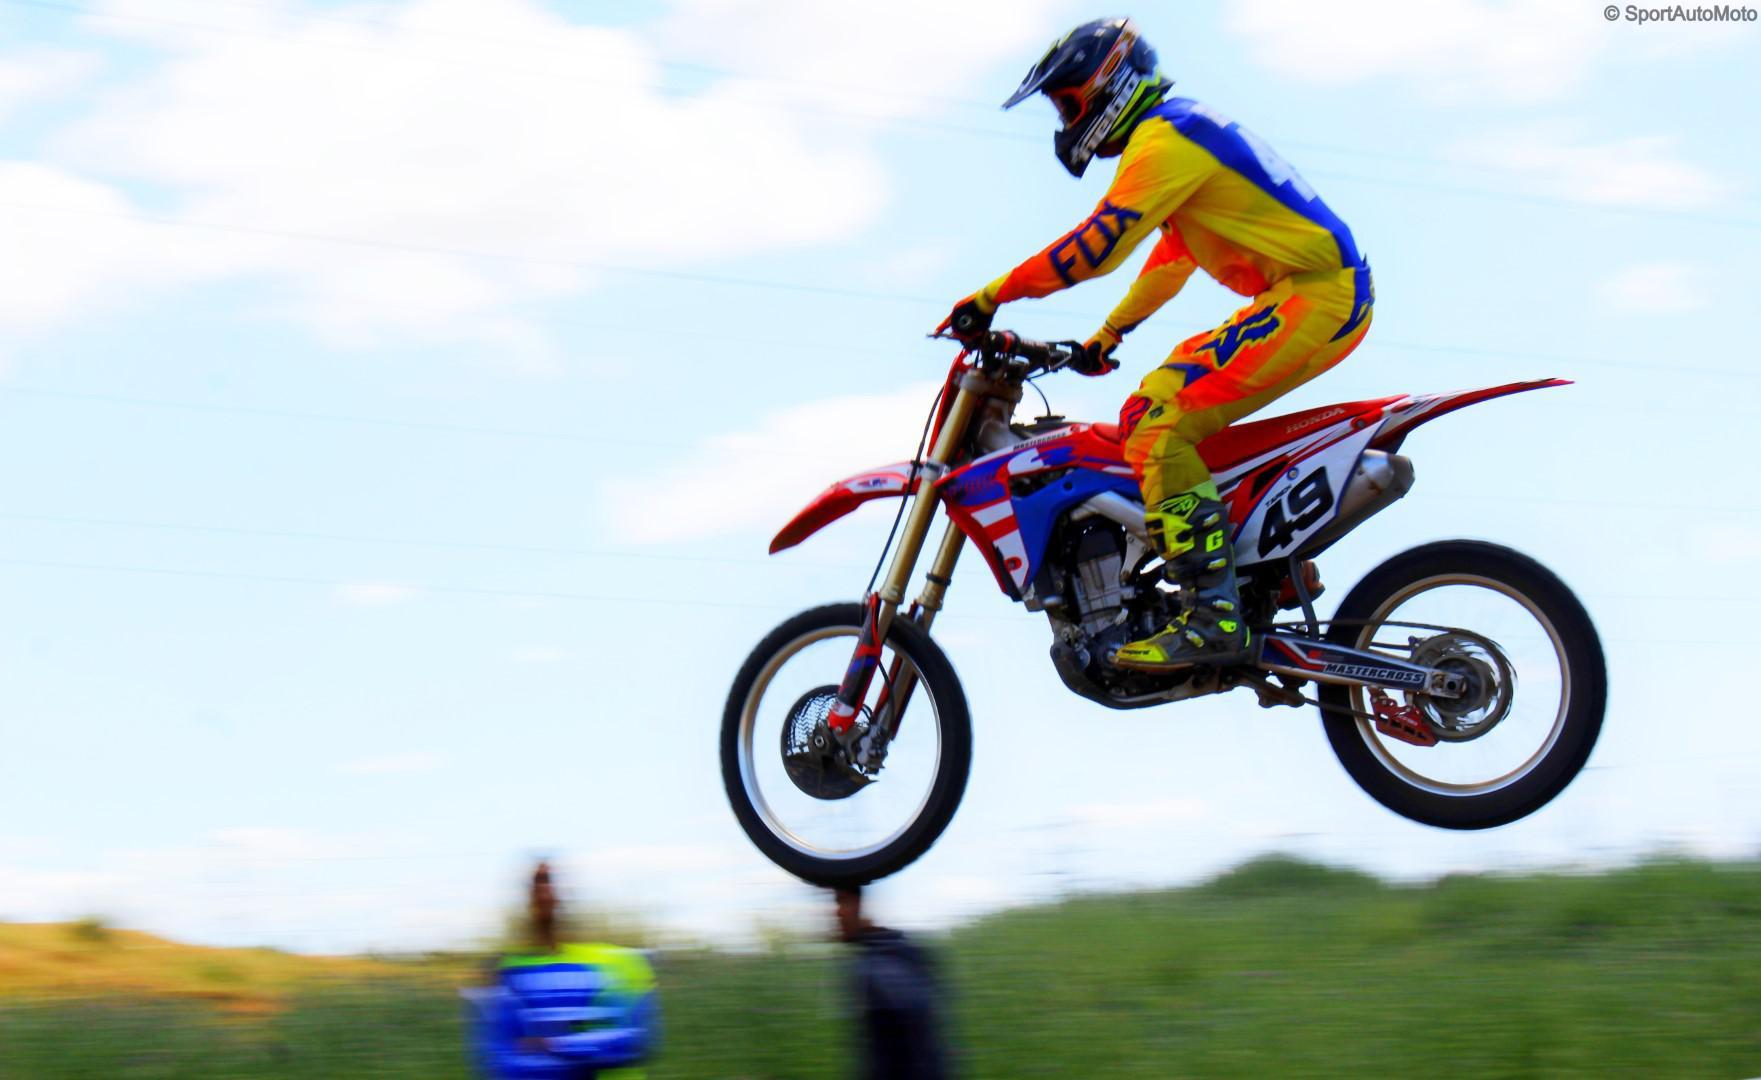 championnat-du-maroc-de-motocross-kenitra-774-3-1.jpg